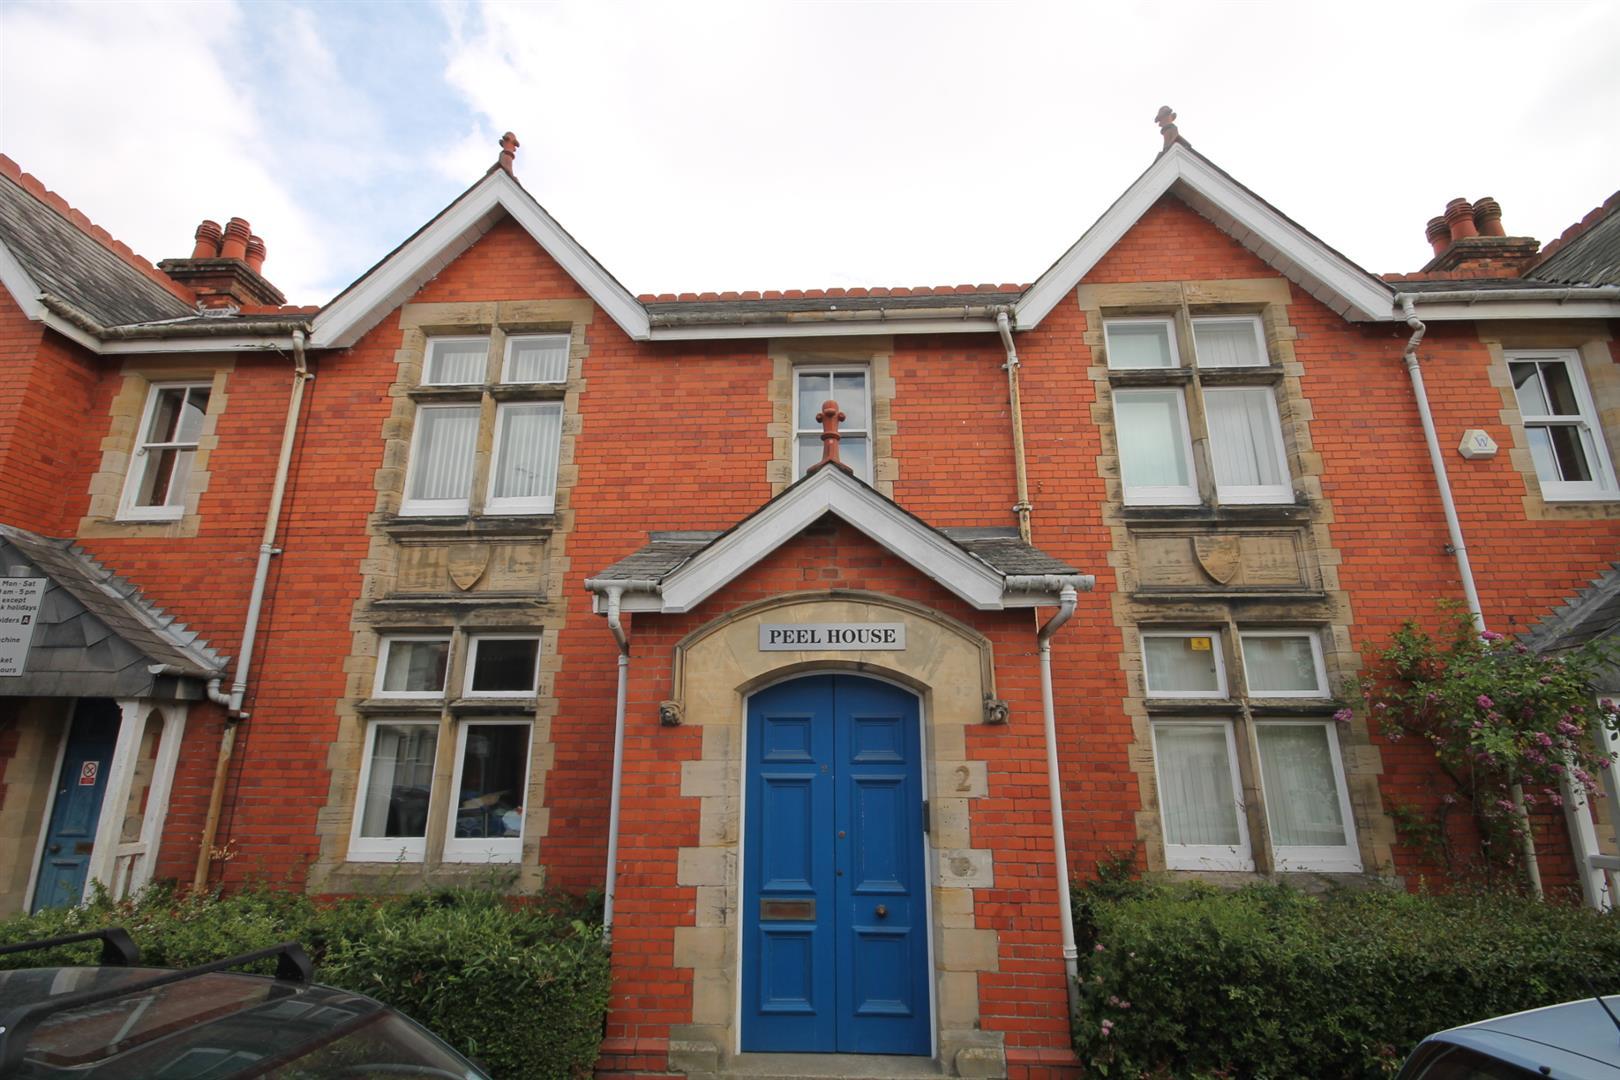 Barttelot Road, Horsham